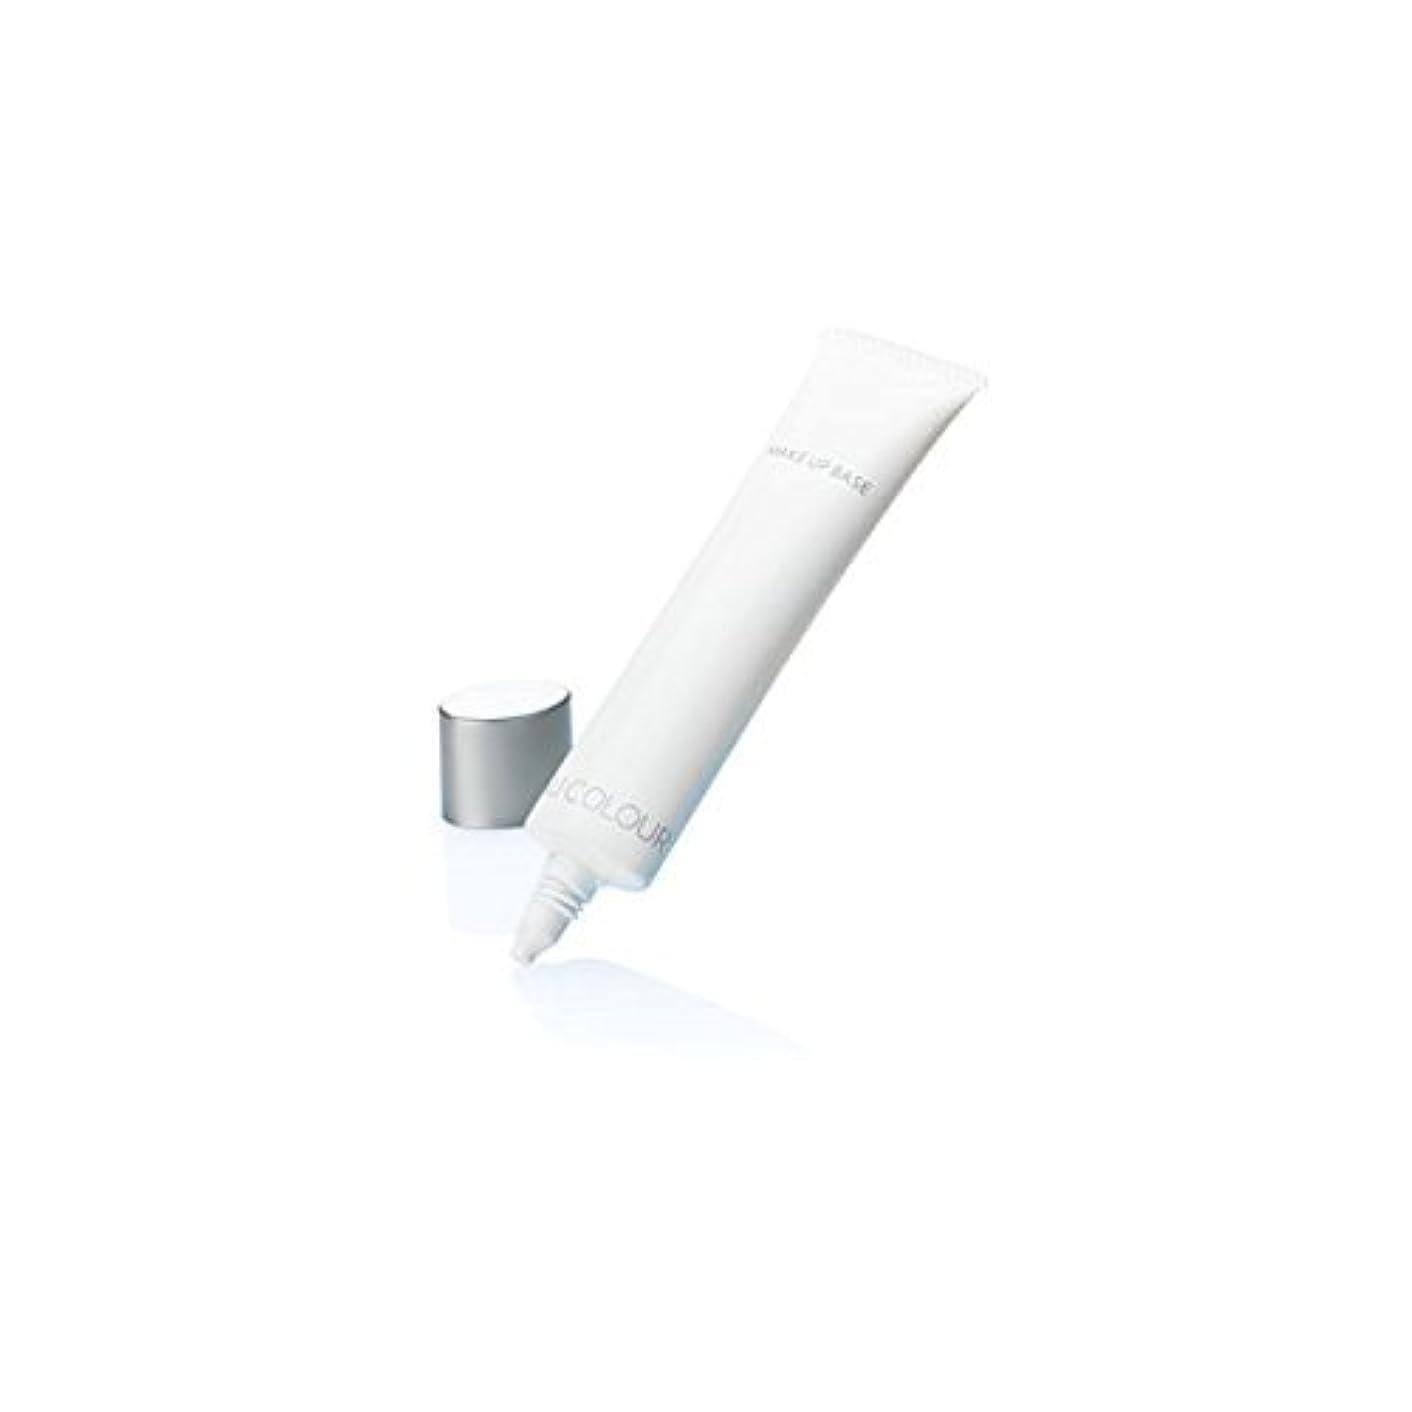 オープニングフルート仕えるニュースキン NU SKIN UV メイクアップ ベース SPF18?PA++ クリア 03160813